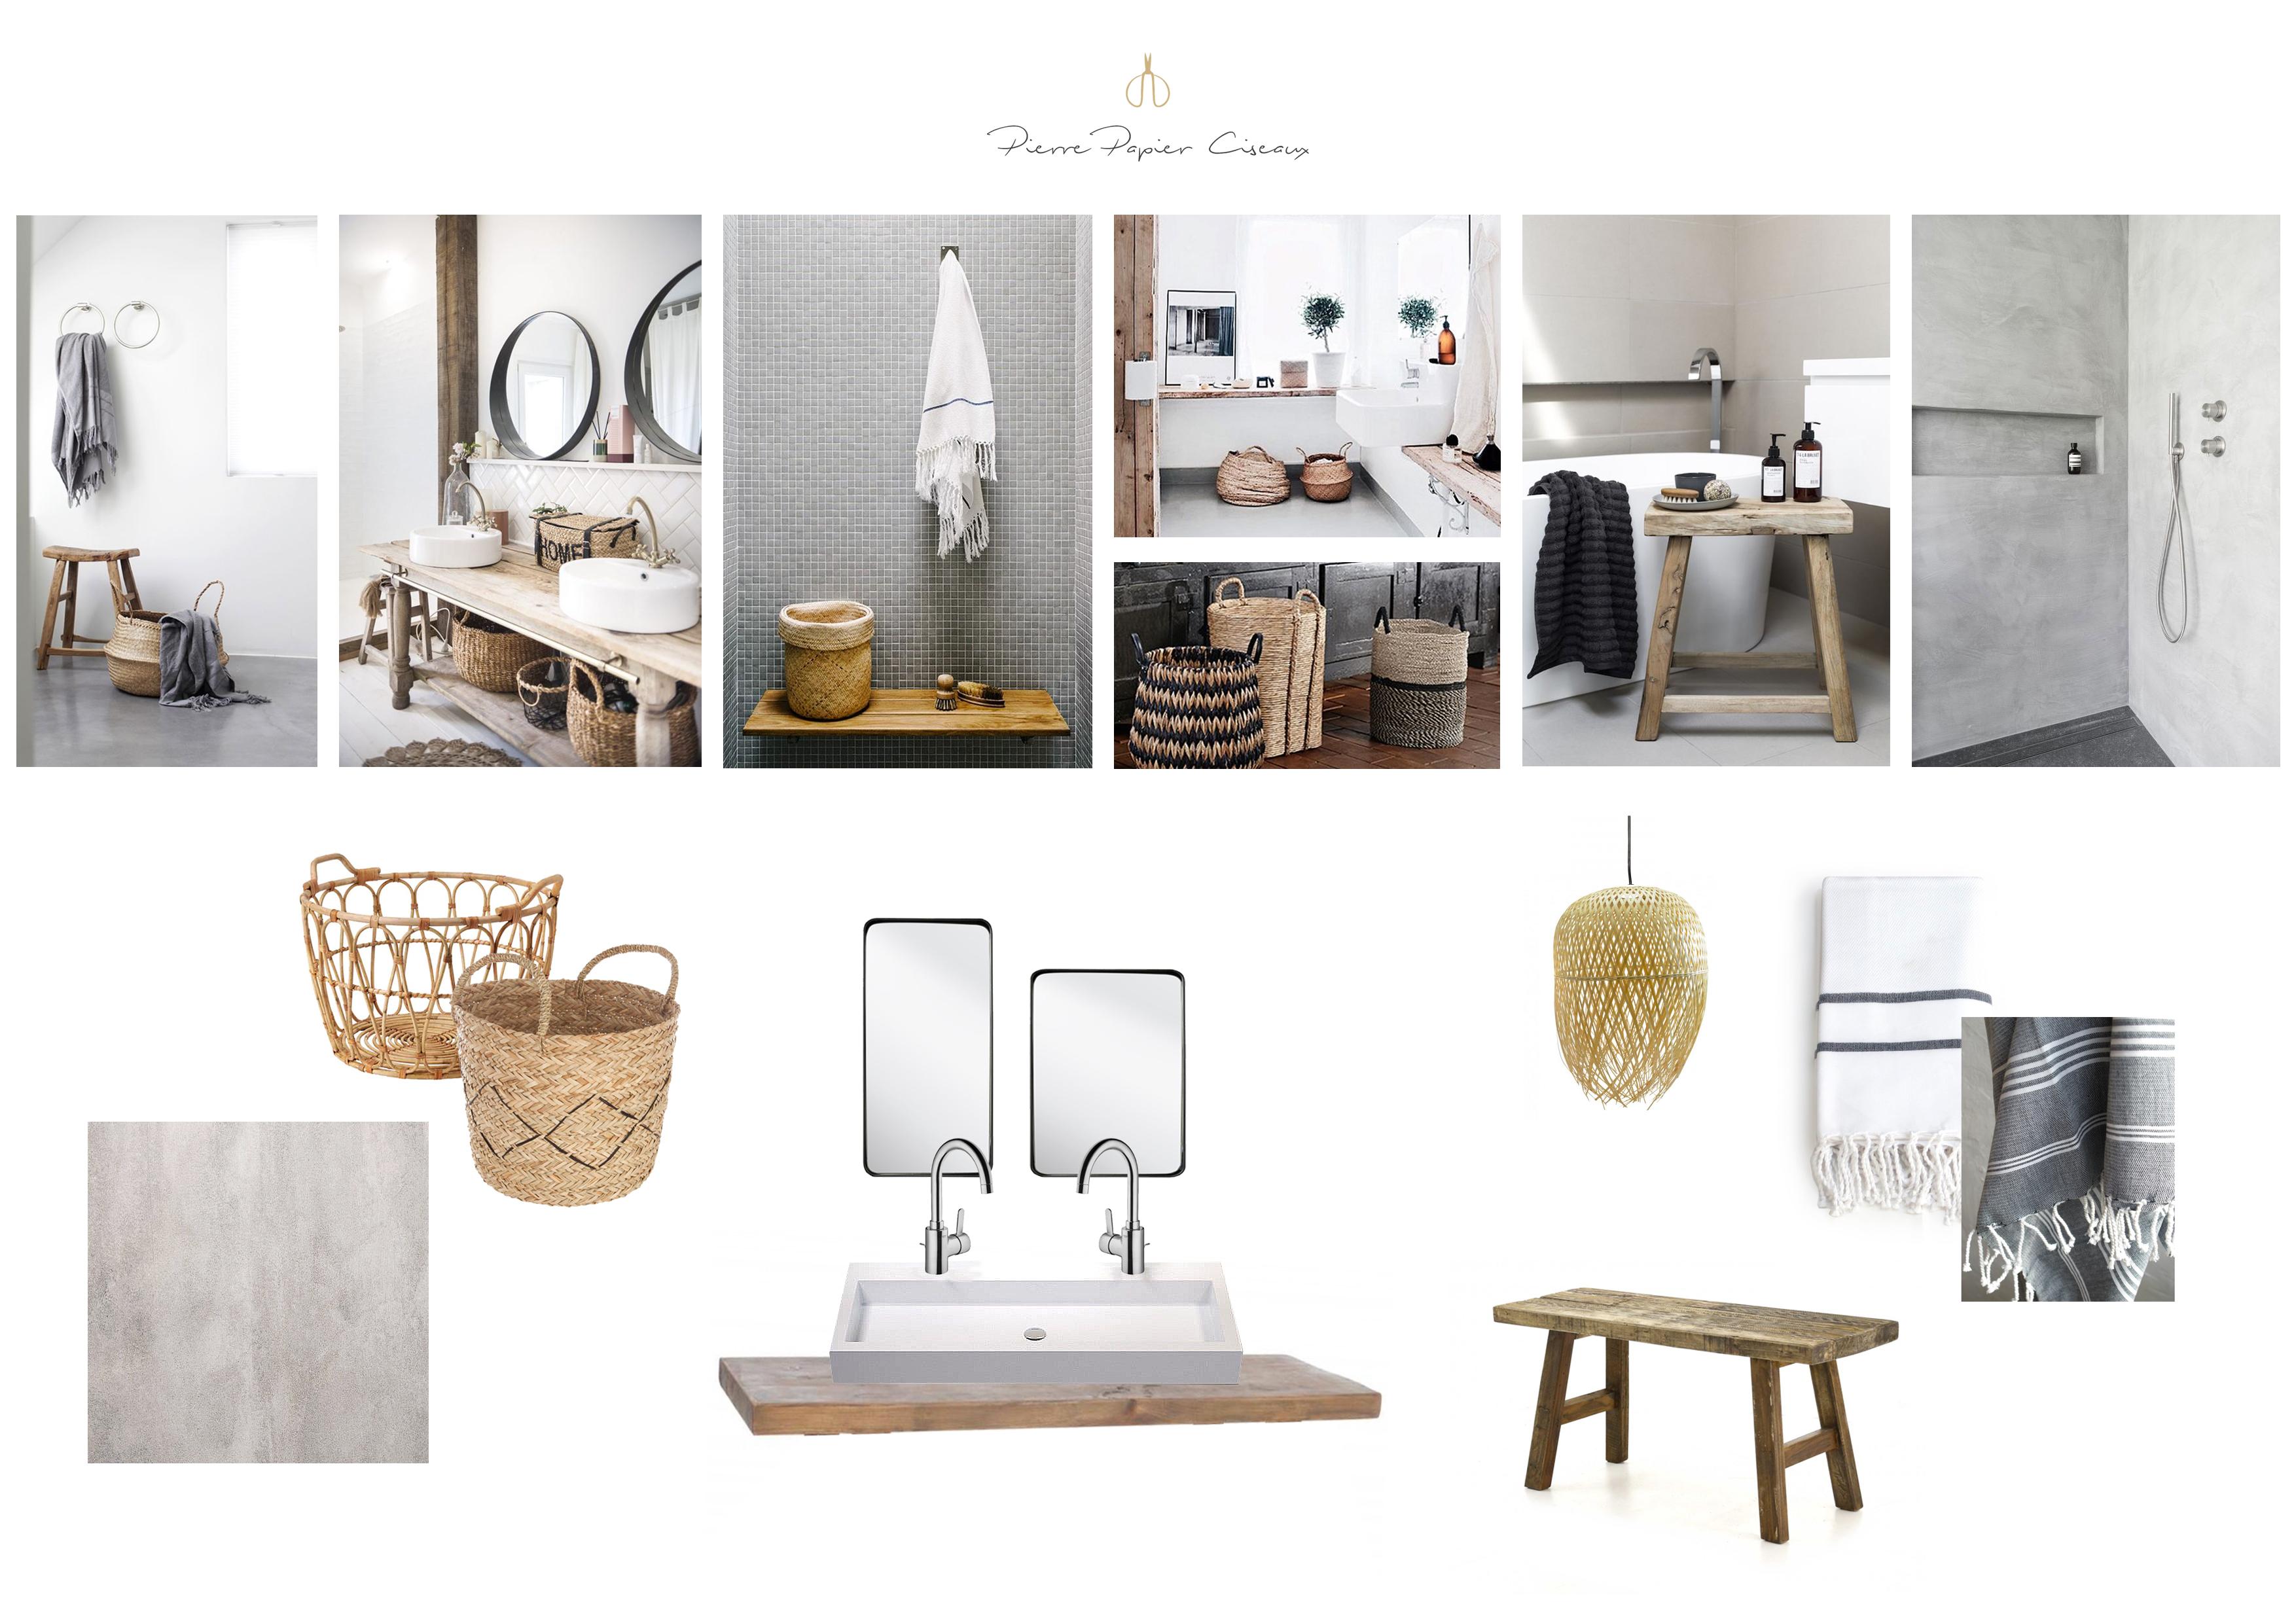 Plafonnier Salle De Bain Brico Depot ~ Inspiration Salle De Bain 3 Moodboards Pour 3 Ambiances Pierre